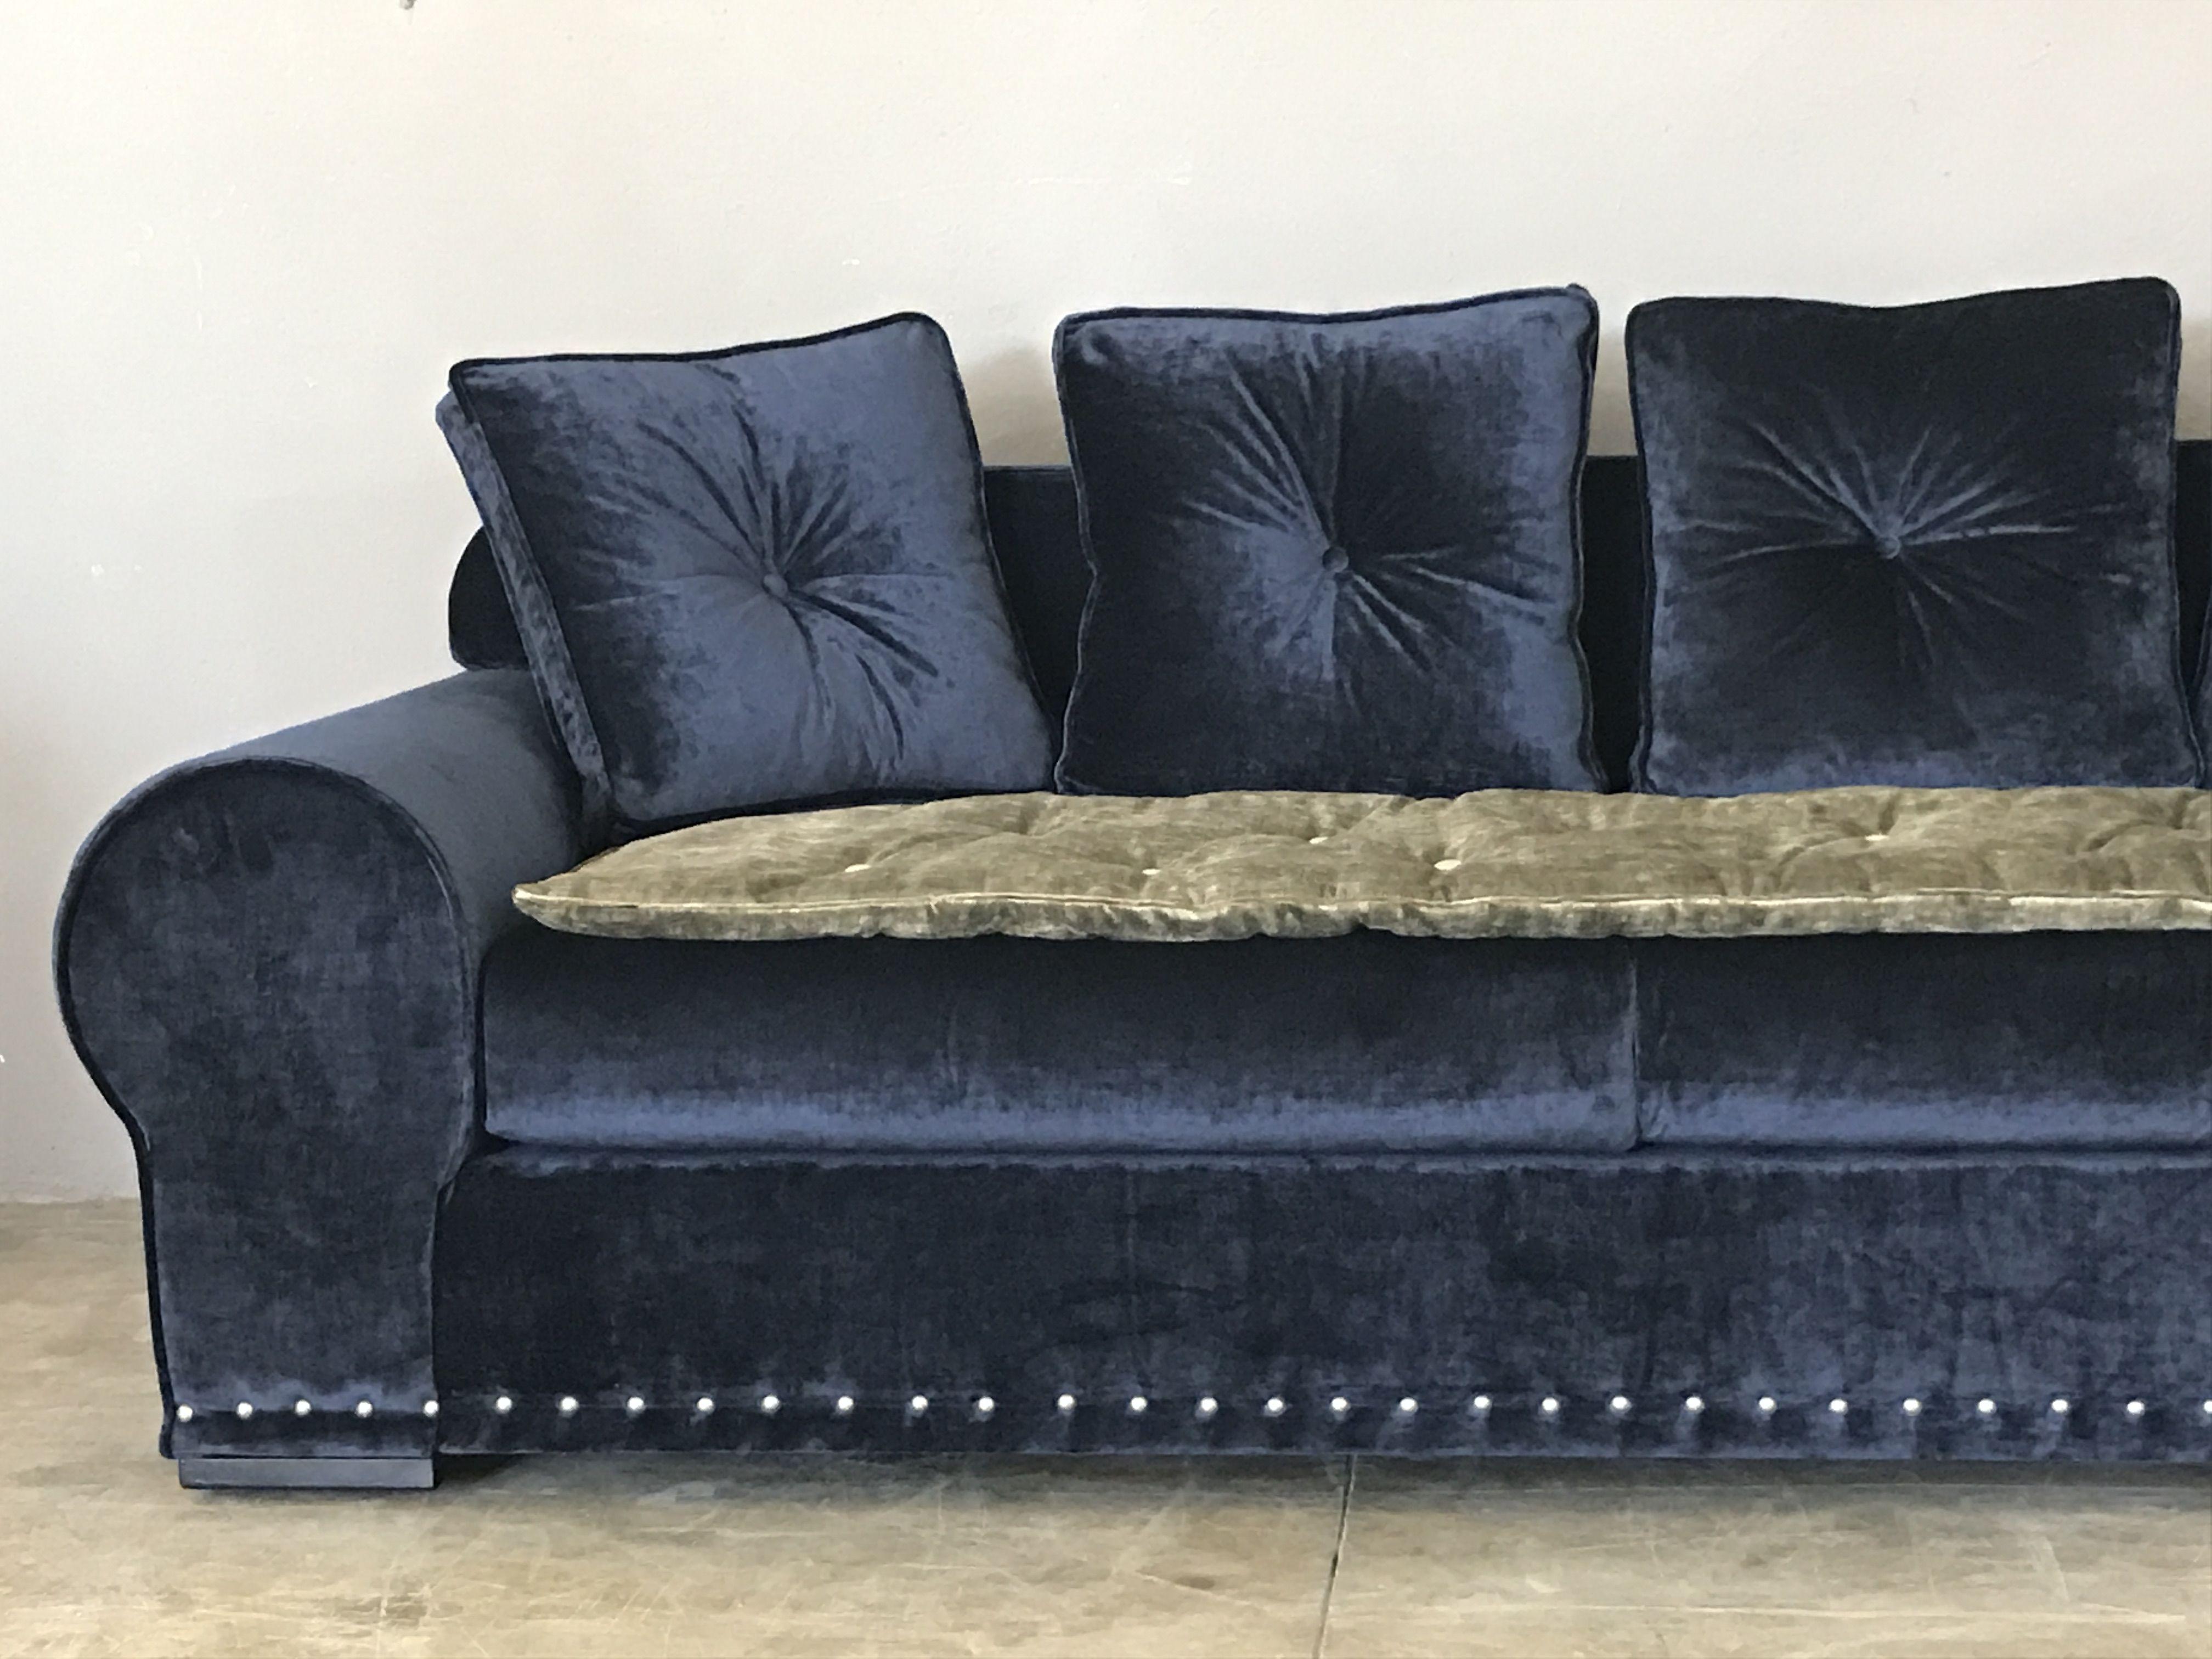 Canapé sur mesure Rodolphe velours lavé bleu marine avec sofa